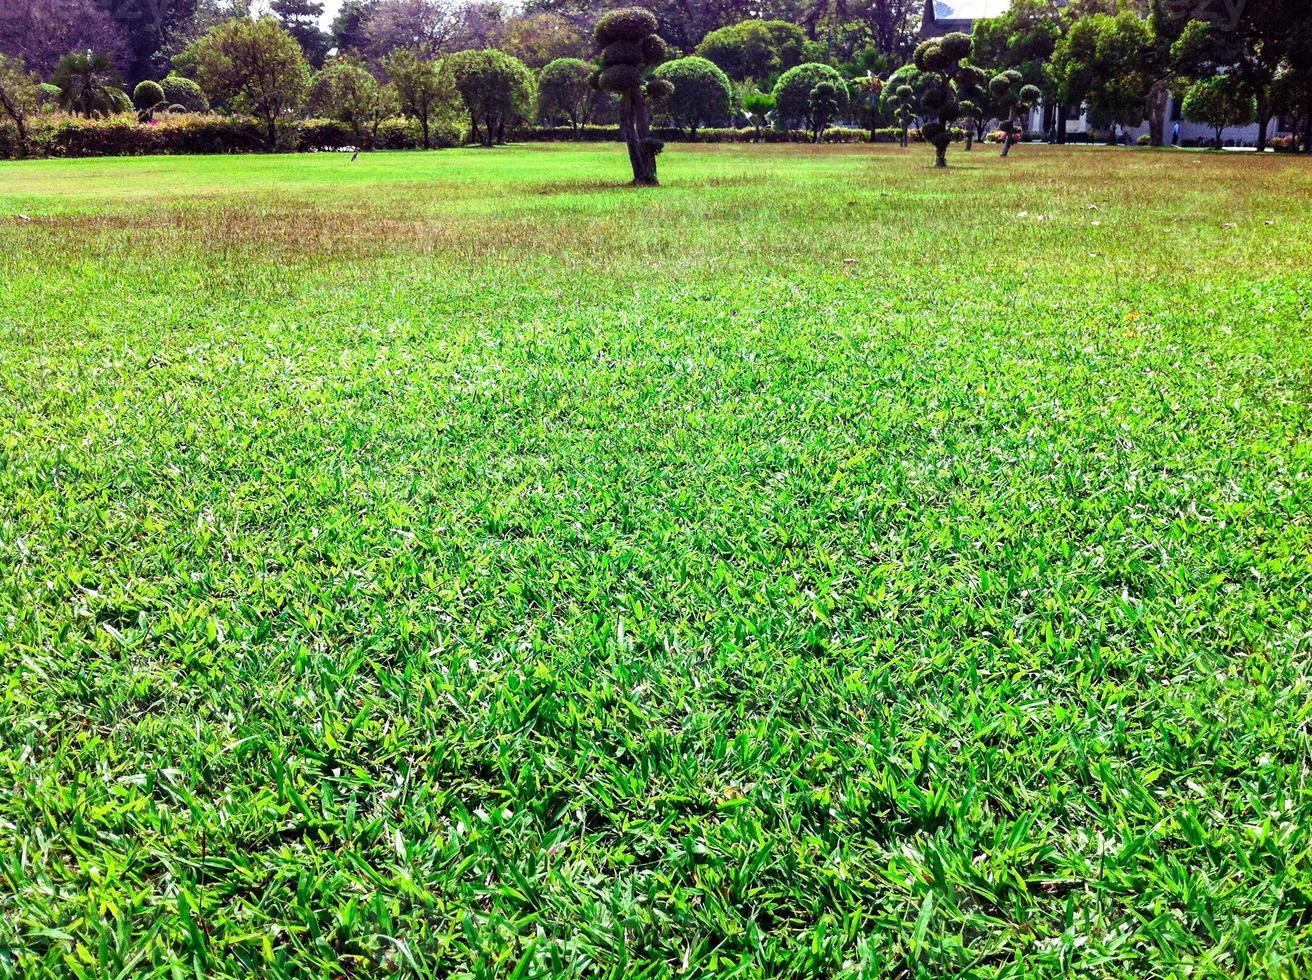 grön gräsmatta i trädgården vacker foto